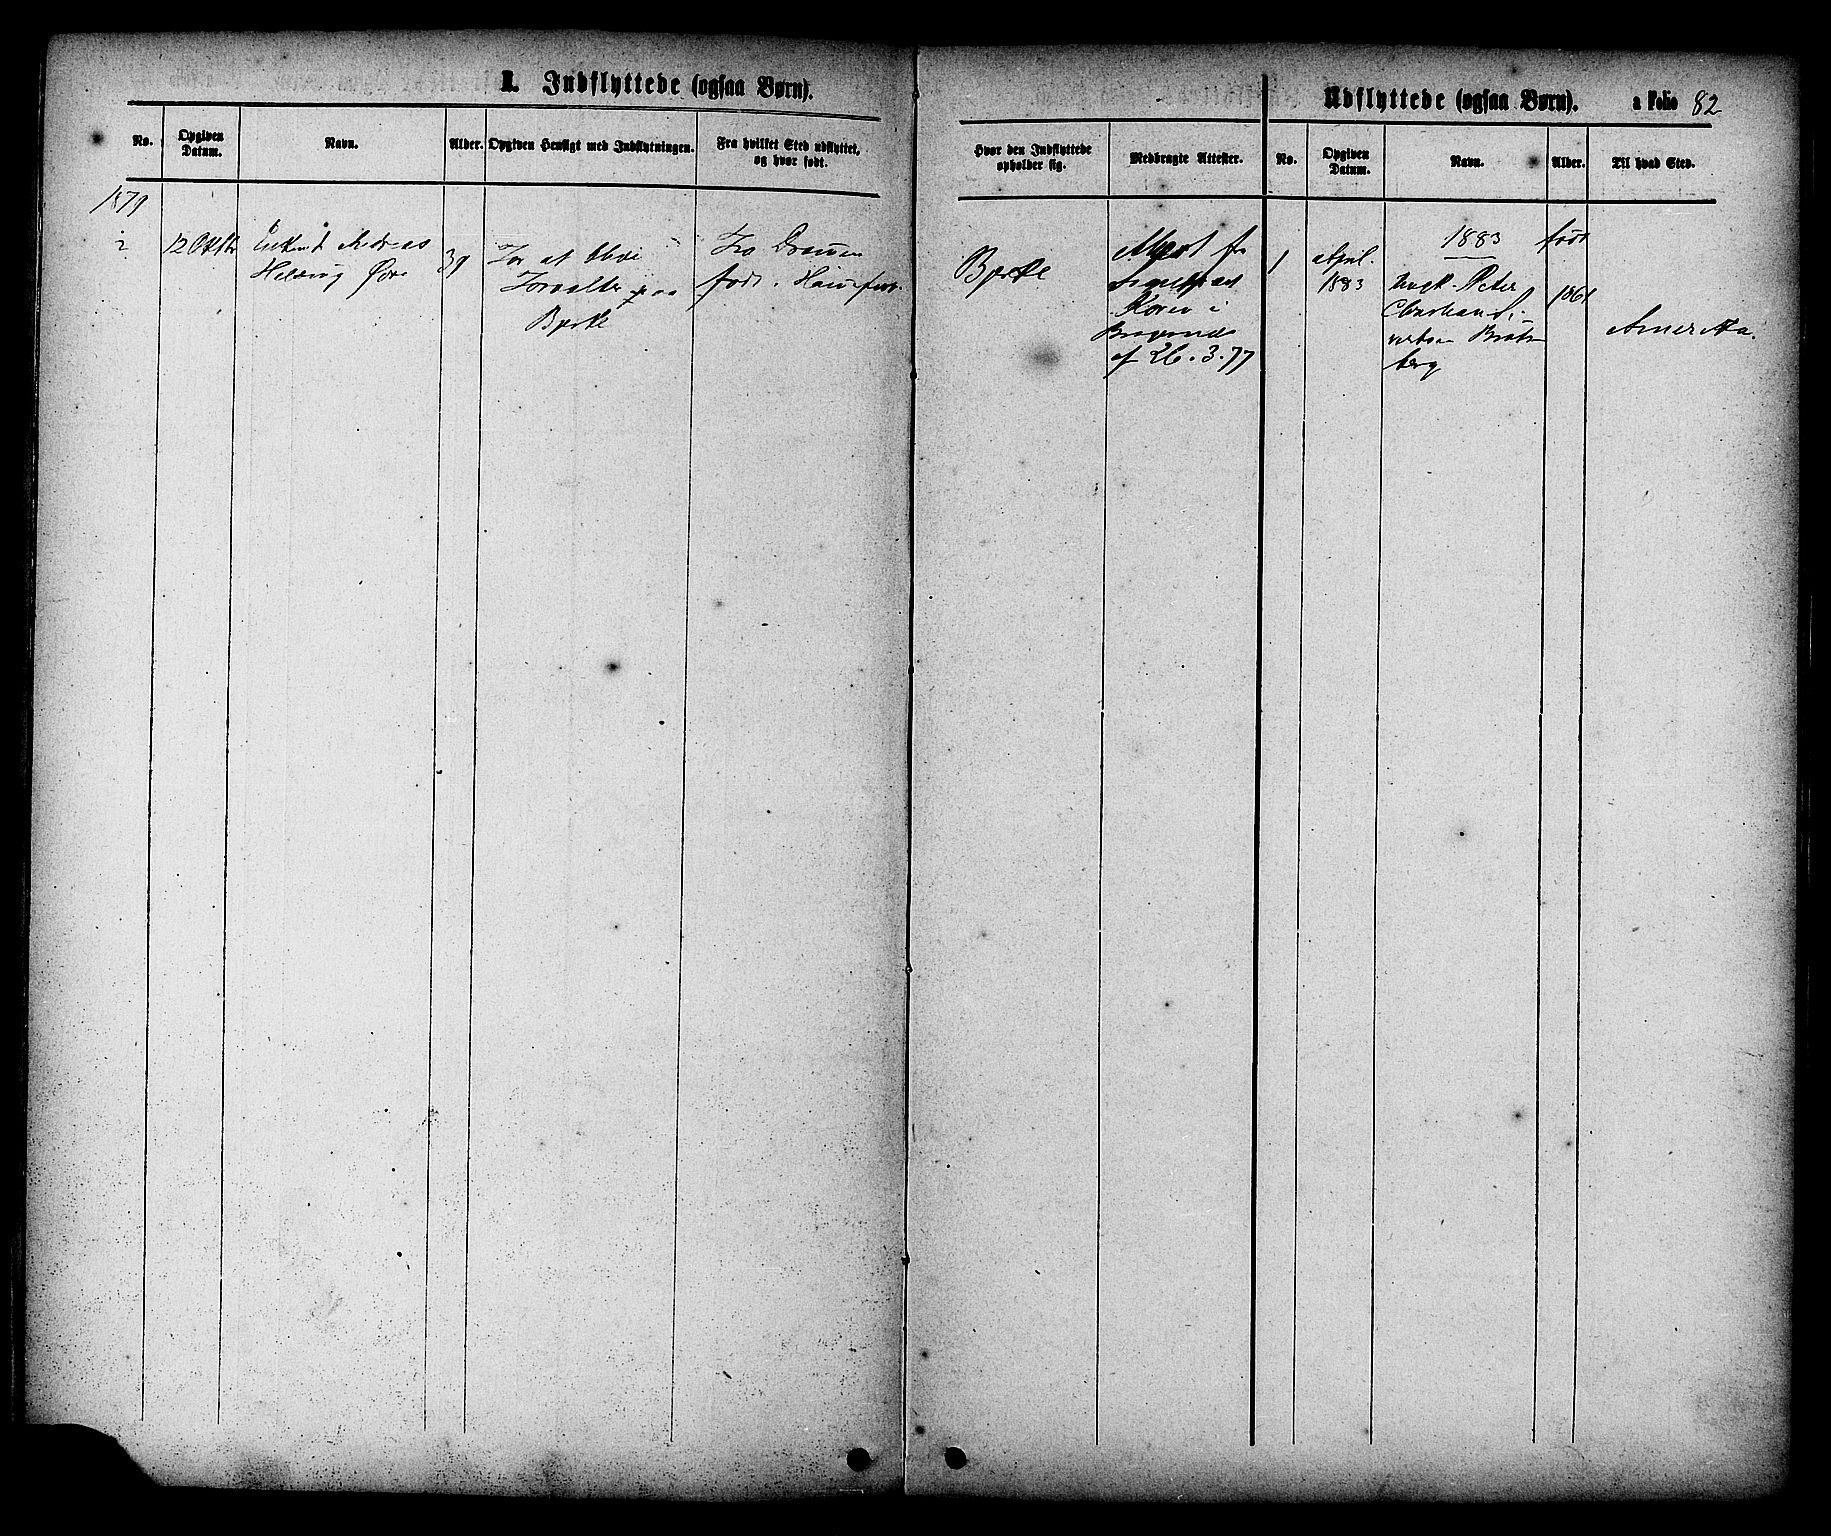 SAT, Ministerialprotokoller, klokkerbøker og fødselsregistre - Sør-Trøndelag, 608/L0334: Ministerialbok nr. 608A03, 1877-1886, s. 82